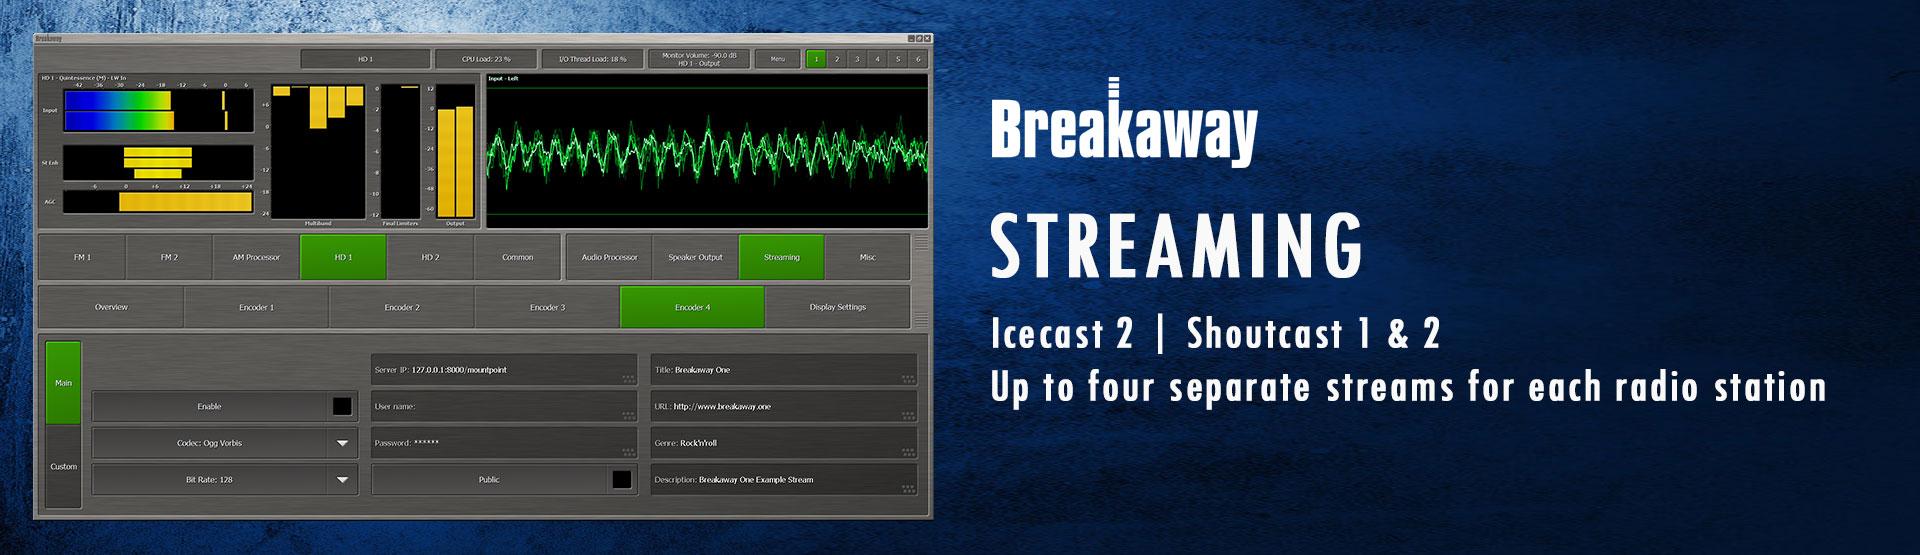 Nieuwe versie BreakawayOne met gratis upgrade voor bestaande gebruikers